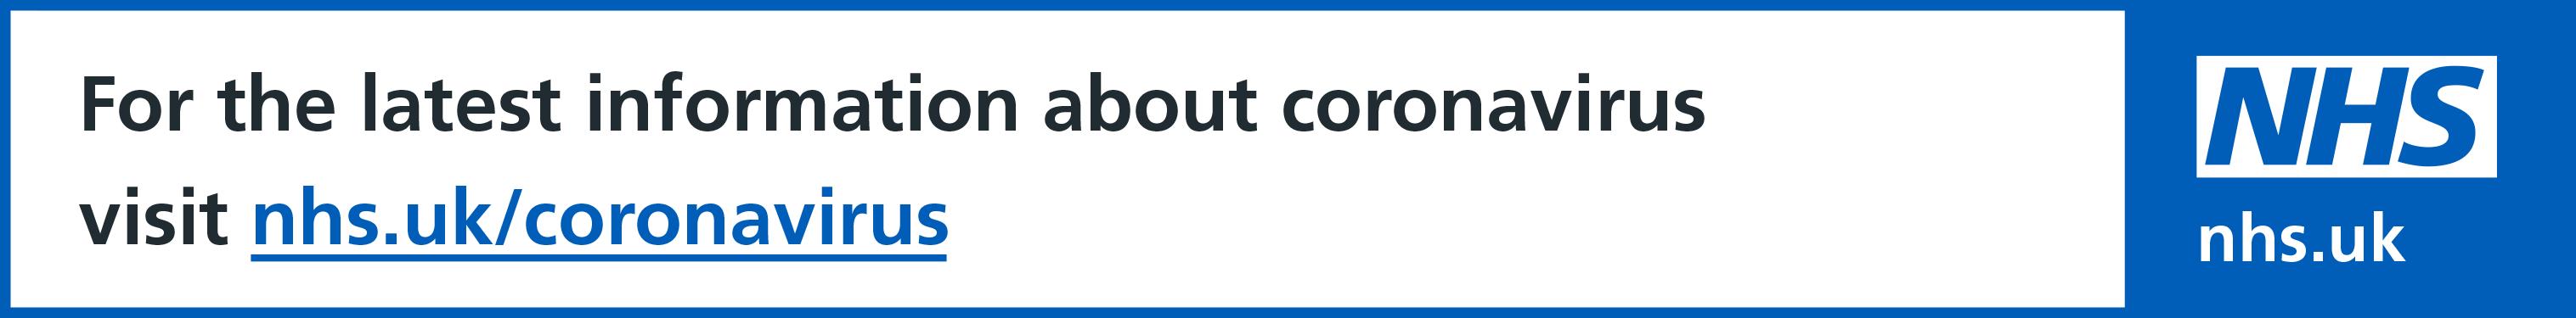 For the latest about coronavirus visit nhs.uk/coronavirus